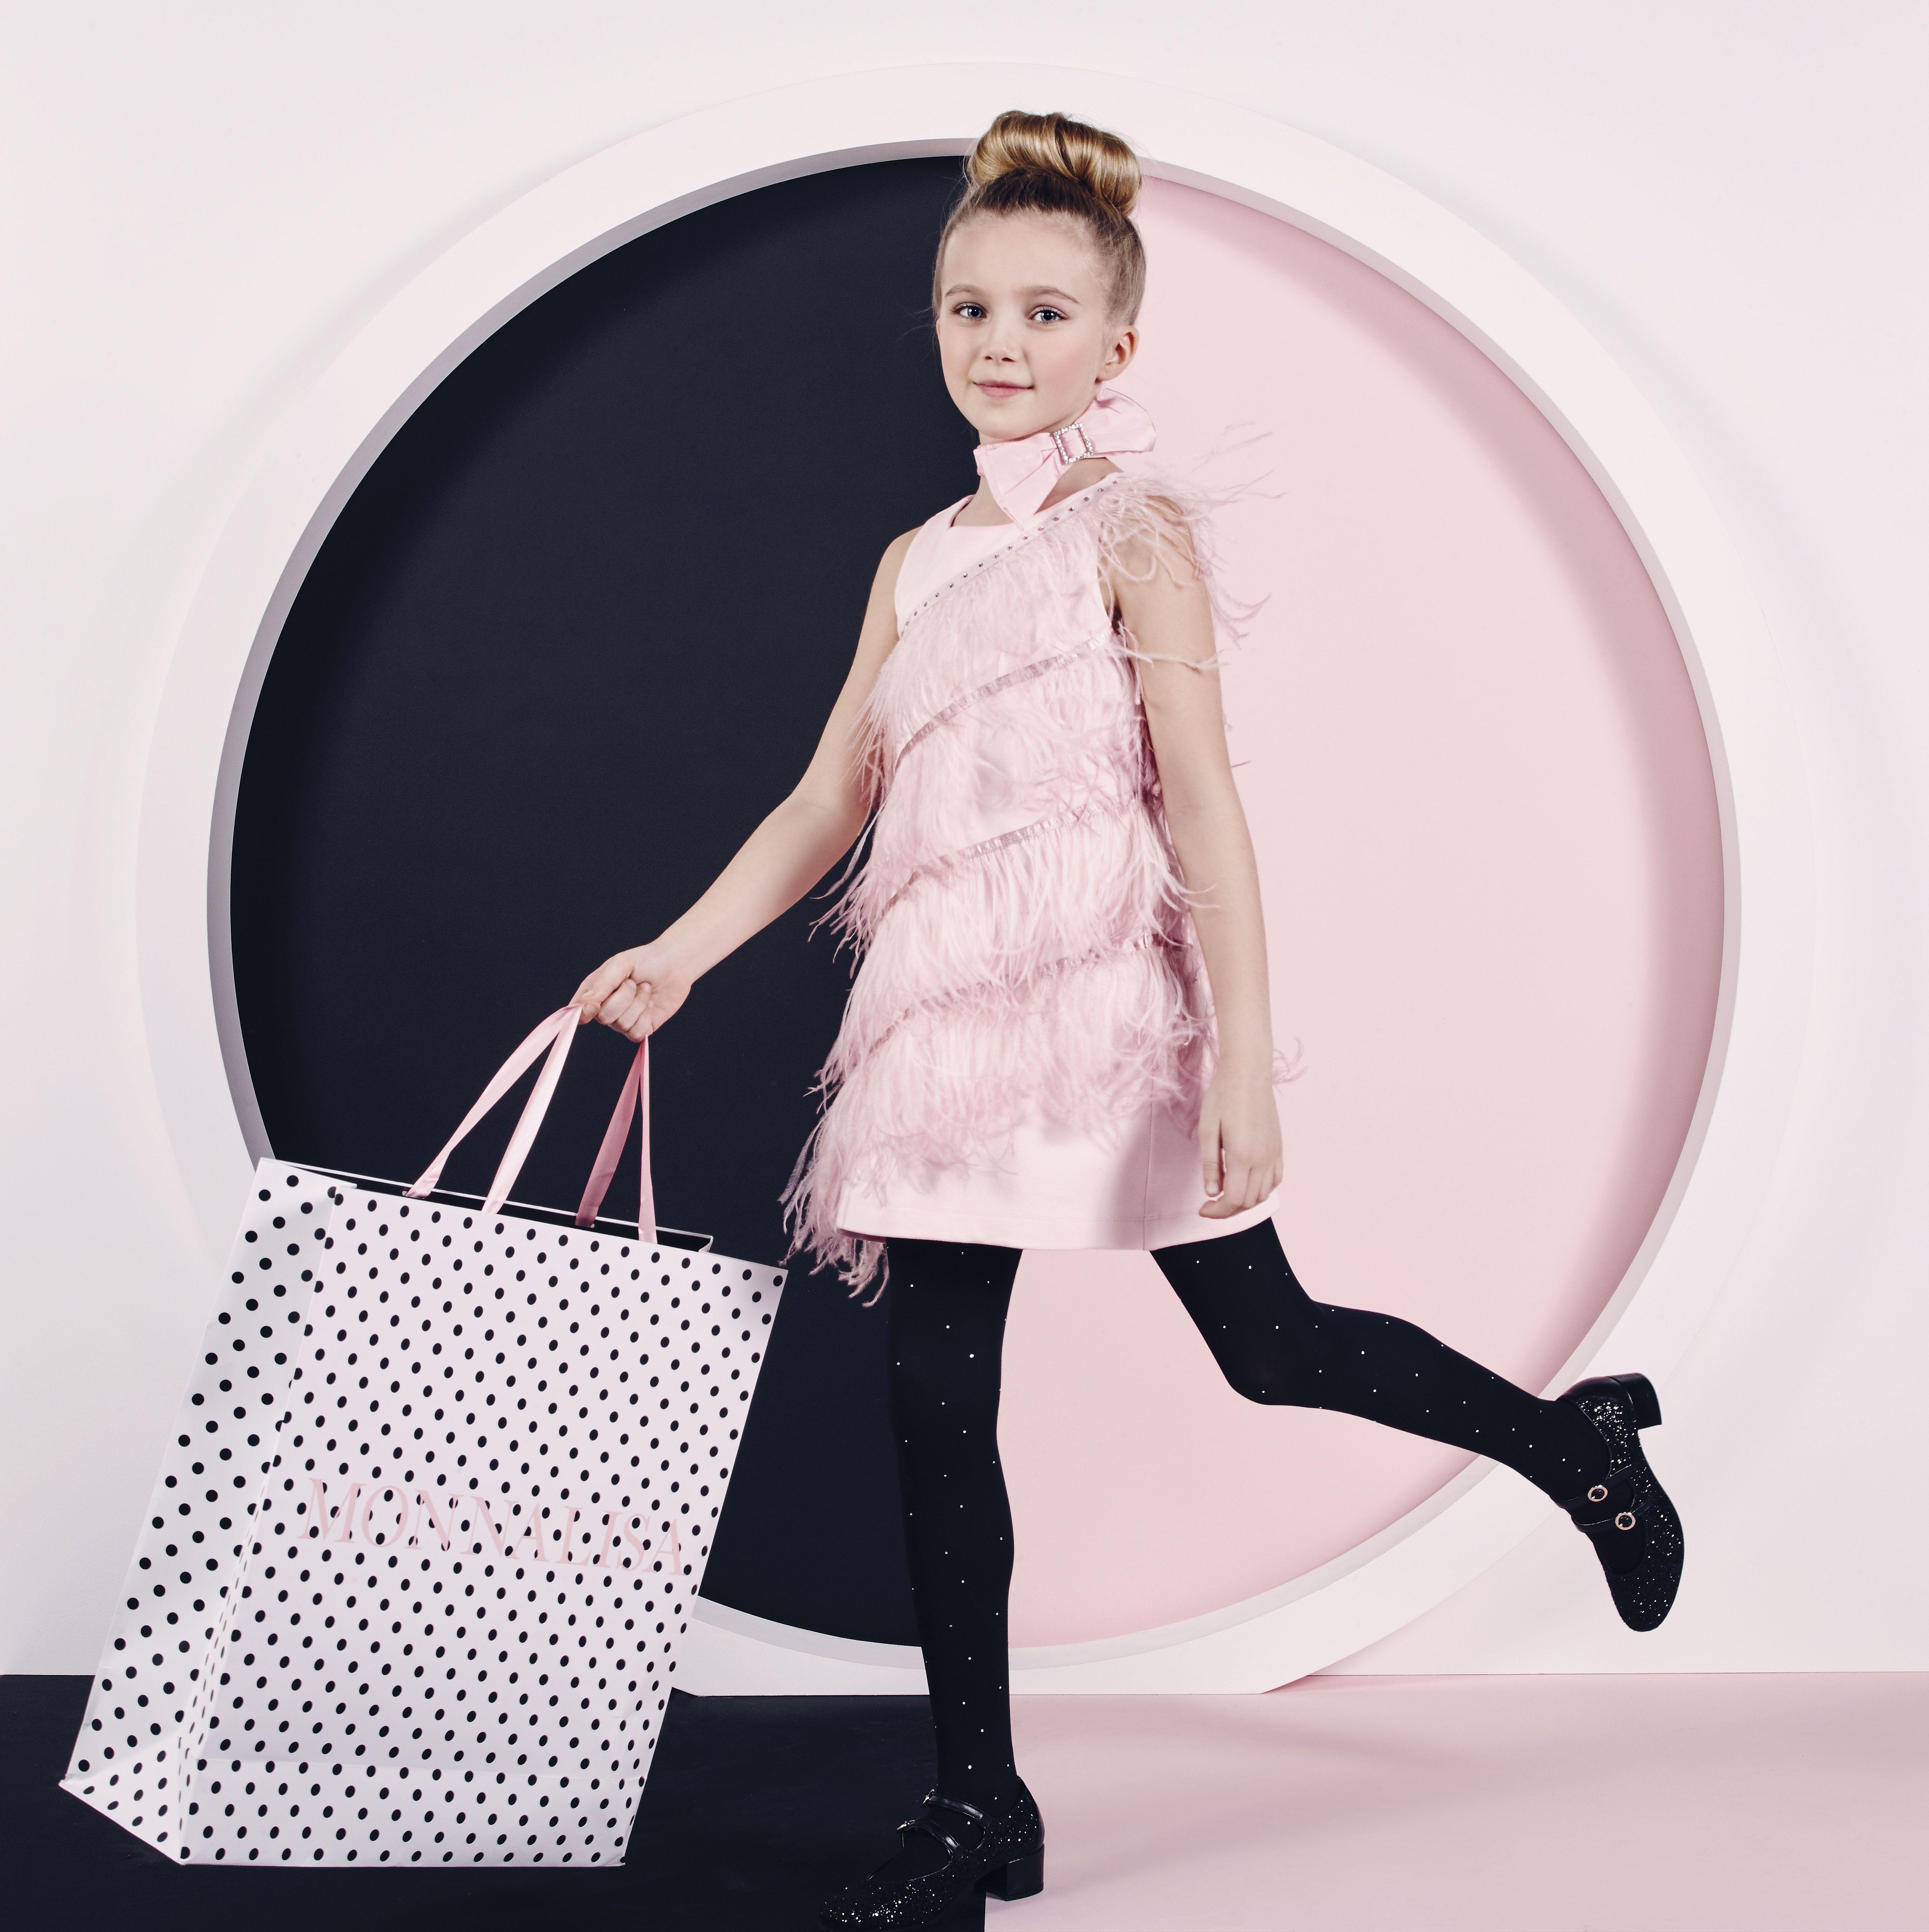 5f59af4e6339 MONNALISA CHIC Fall Winter 2016  Monnalisa  fashion  kids  childrenswear   newcollection  girl  style  winter  skirt  dress